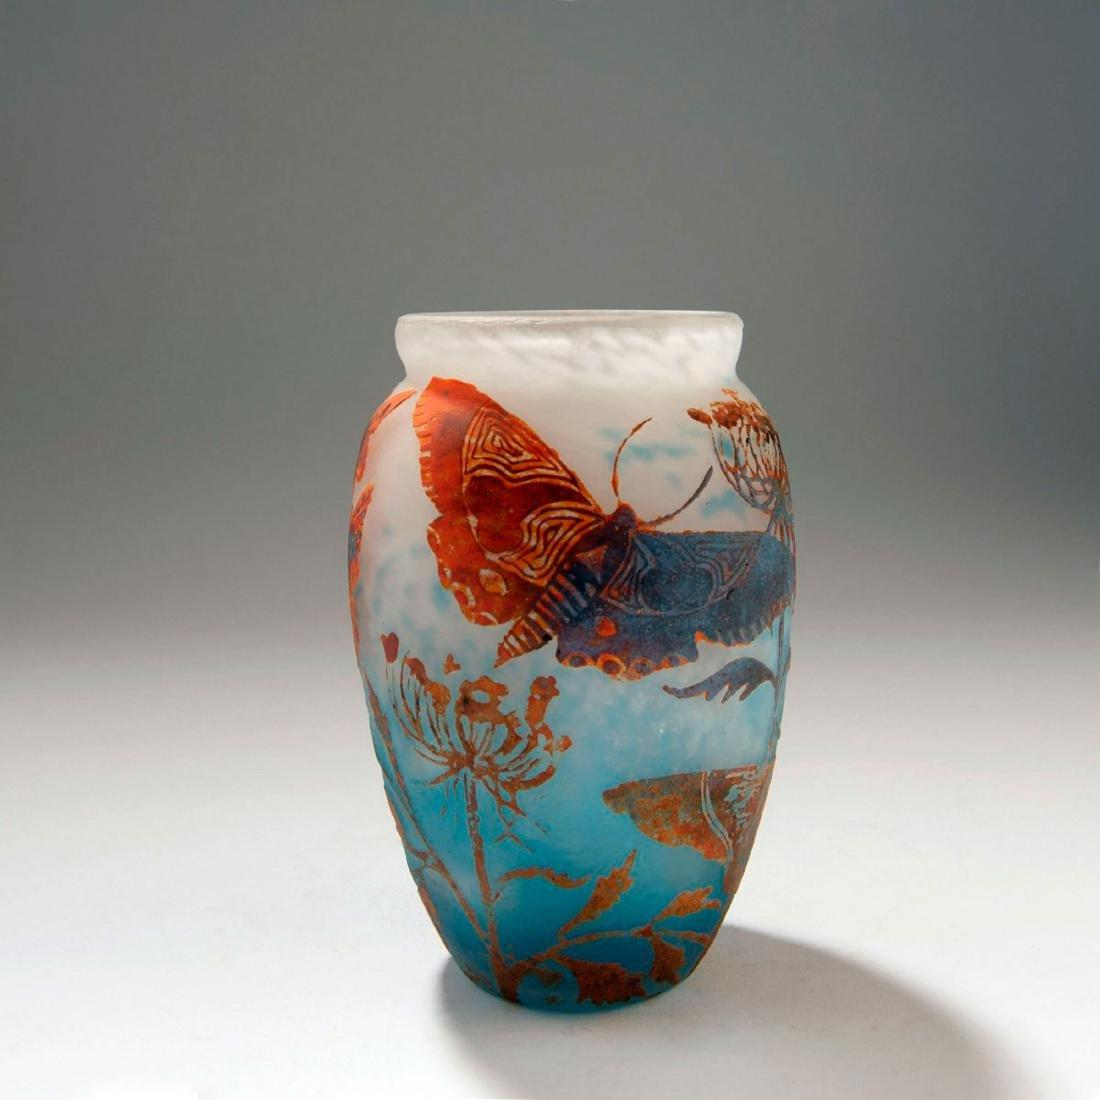 'Les Papillons de Nuit' vase, c. 1925